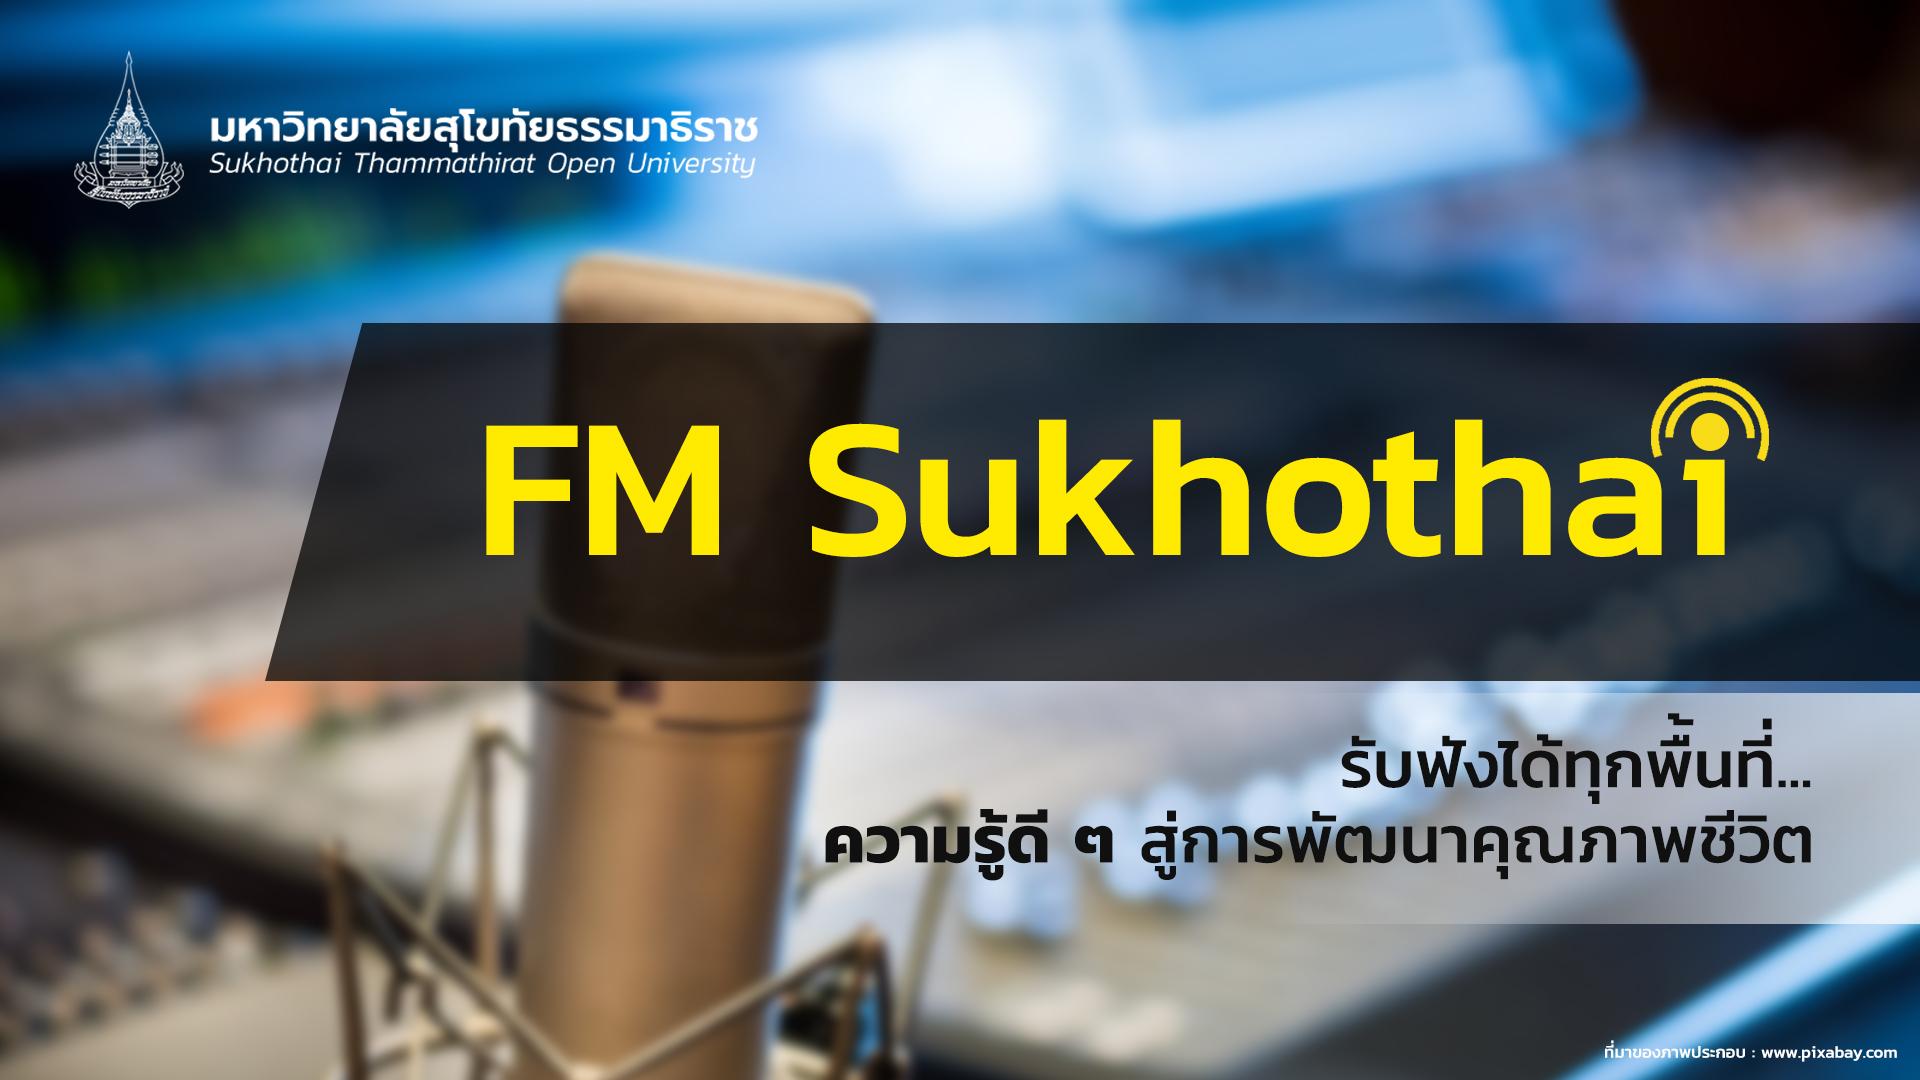 32310 ตลาดการเงิน สถาบัน และนโยบายการเงิน รายการที่ 7